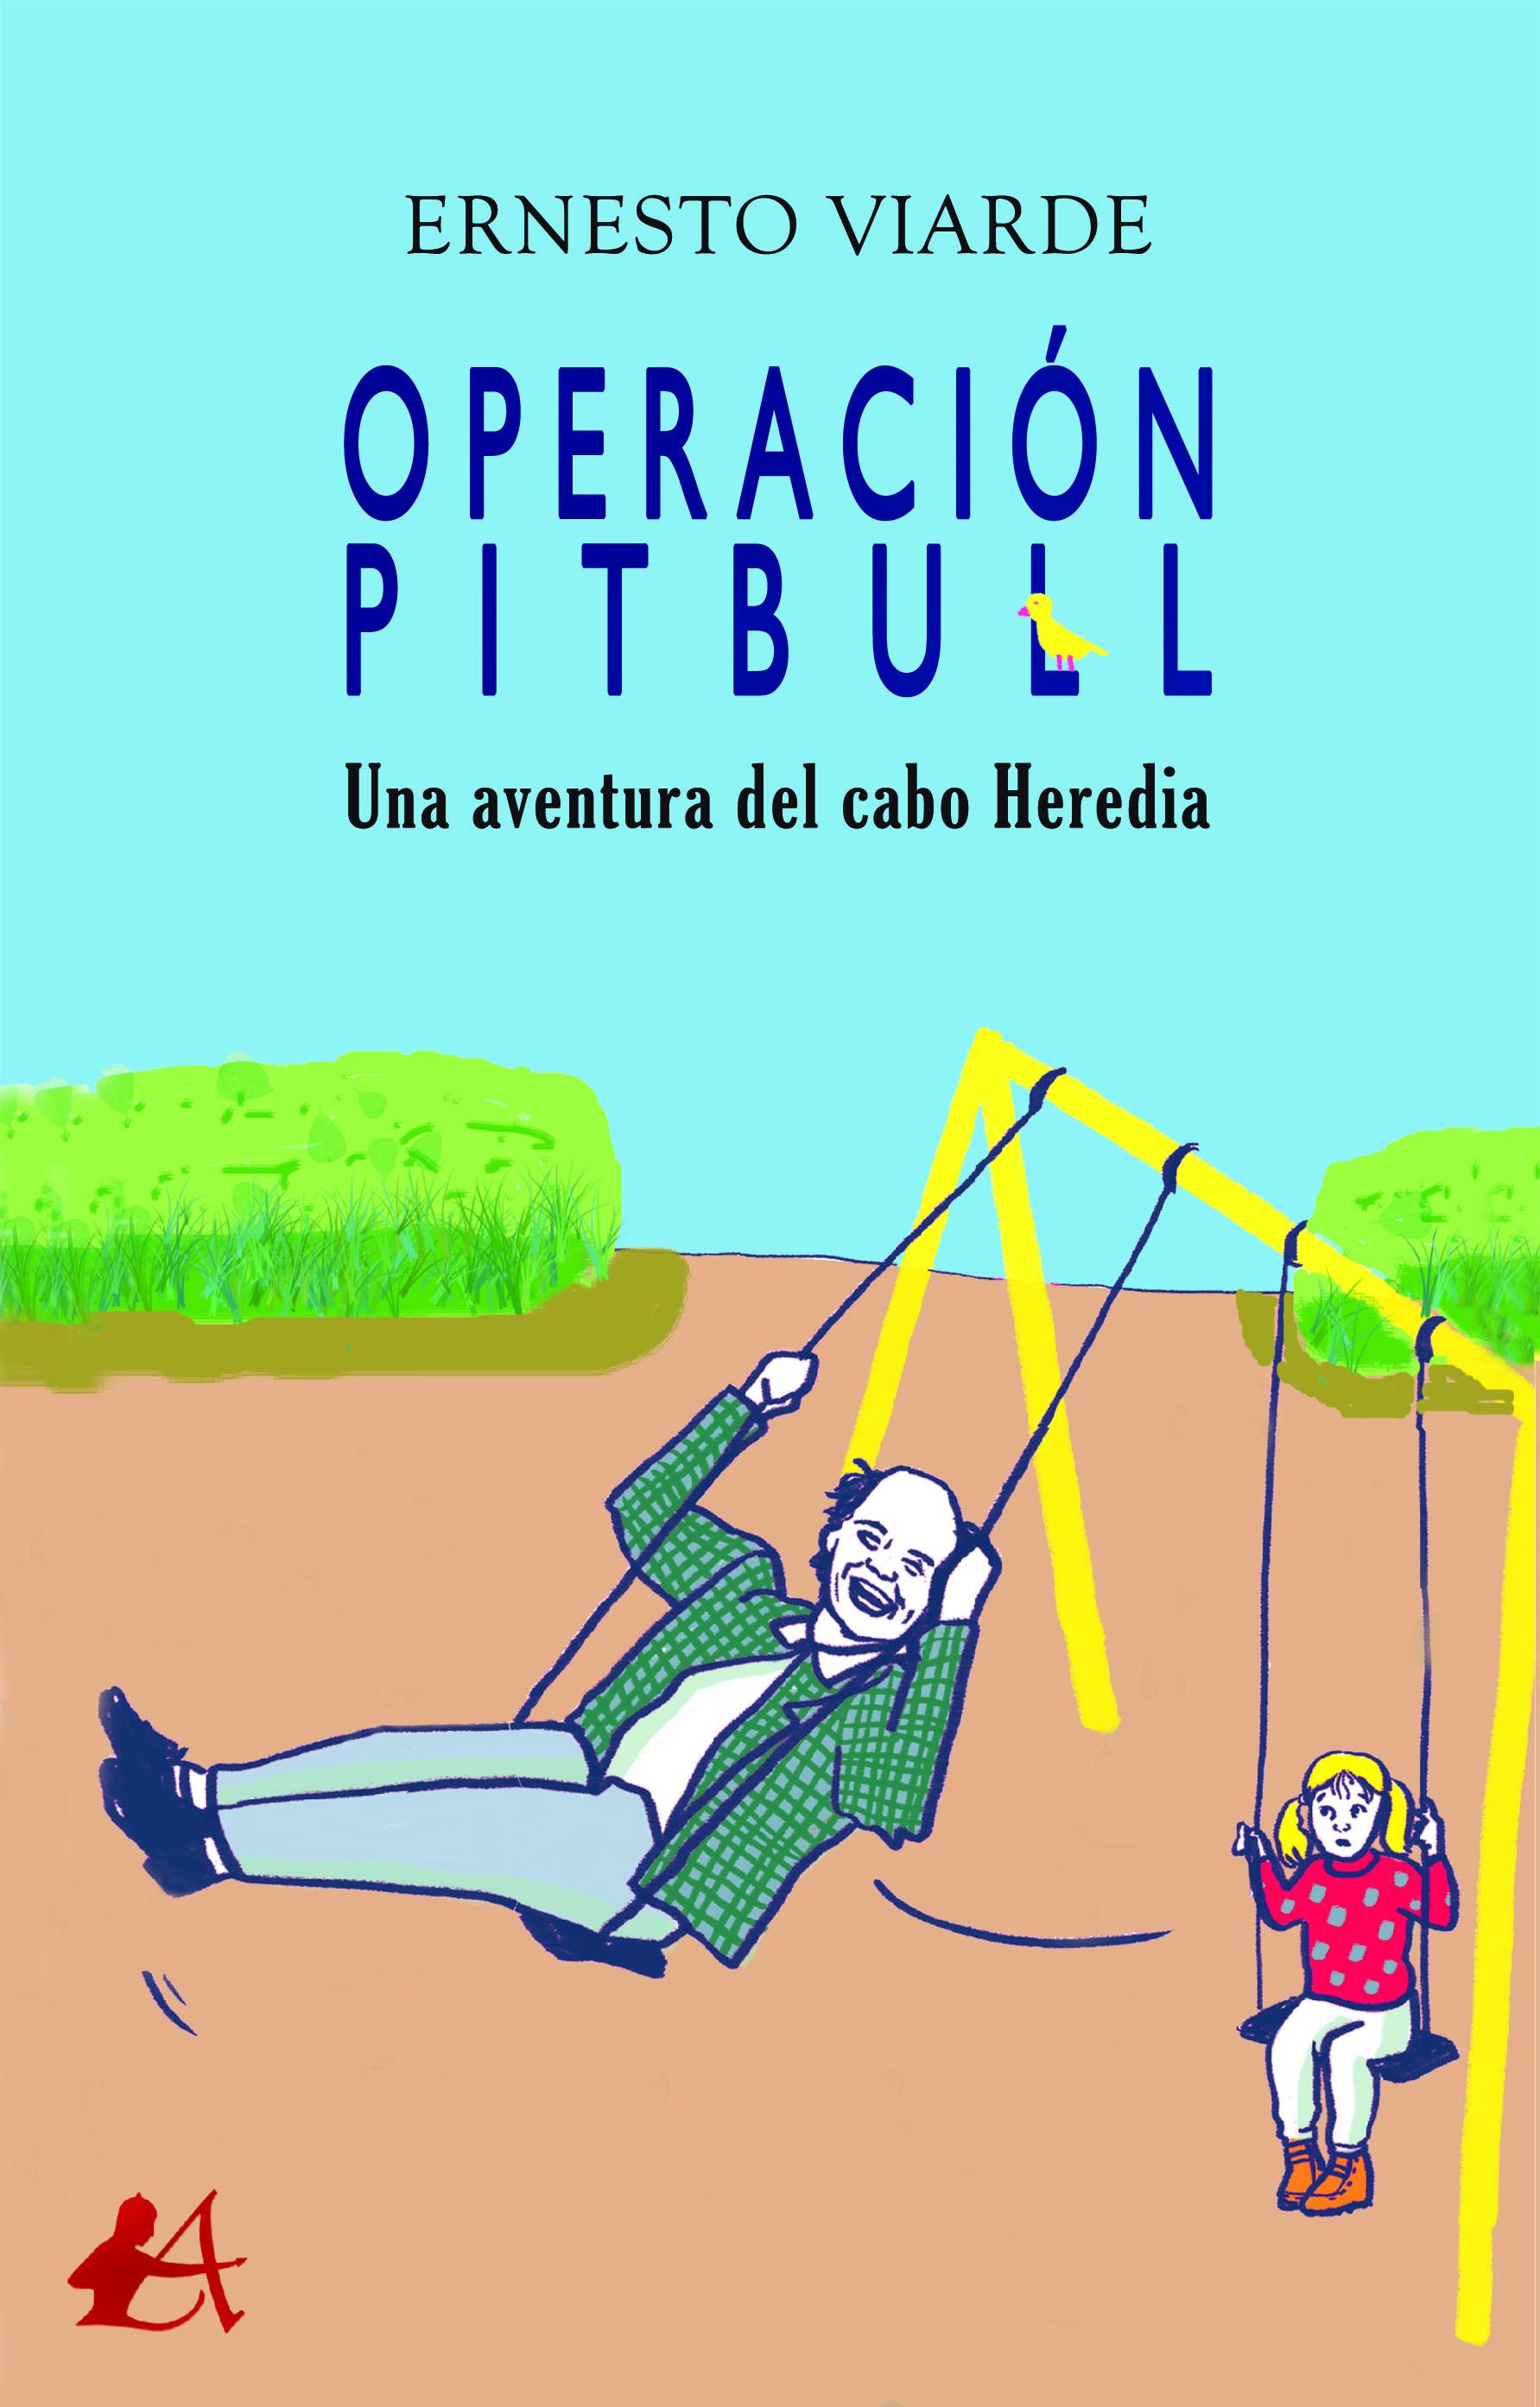 Portada del libro Operación pitbull de Ernesto Viarde. Editorial Adarve, Escritores de hoy